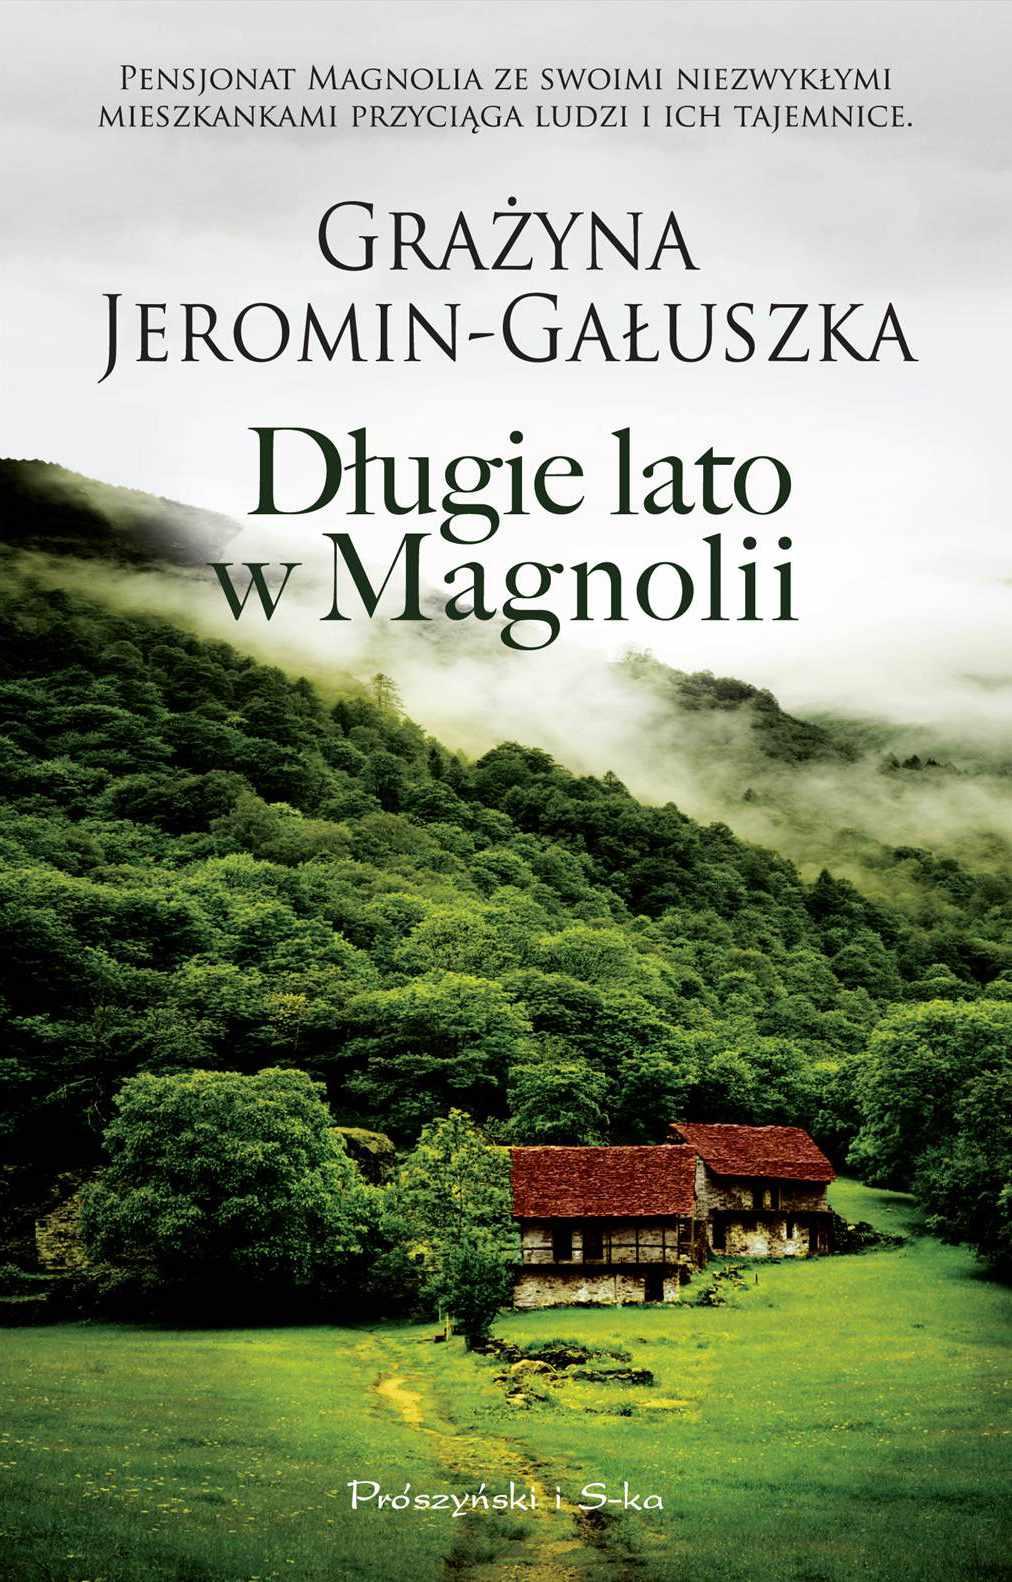 Długie lato w Magnolii - Ebook (Książka na Kindle) do pobrania w formacie MOBI